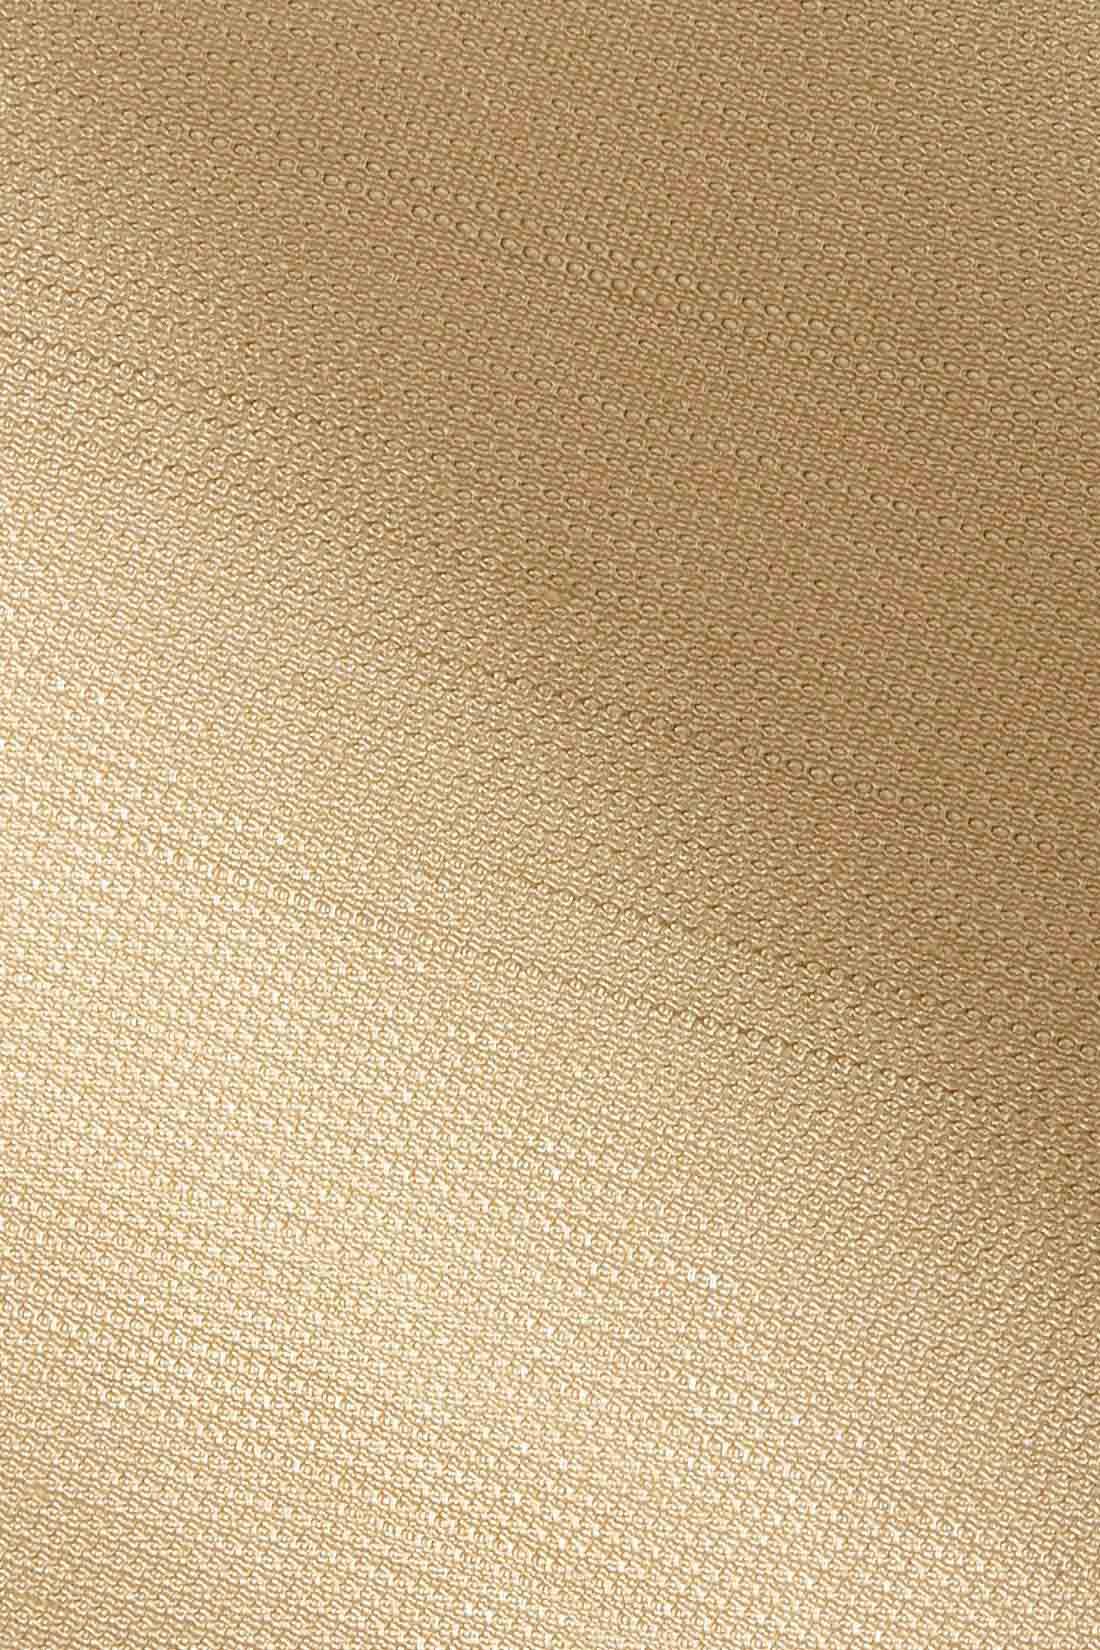 ニュアンスある表面感とイージーケア。 変わり織りのスラブヤーンでシャリっときれいめな清涼素材。しわになりやすいギャザーやバルーンディテールを、きれいに着られるのもうれしい。 ※お届けするカラーとは異なります。